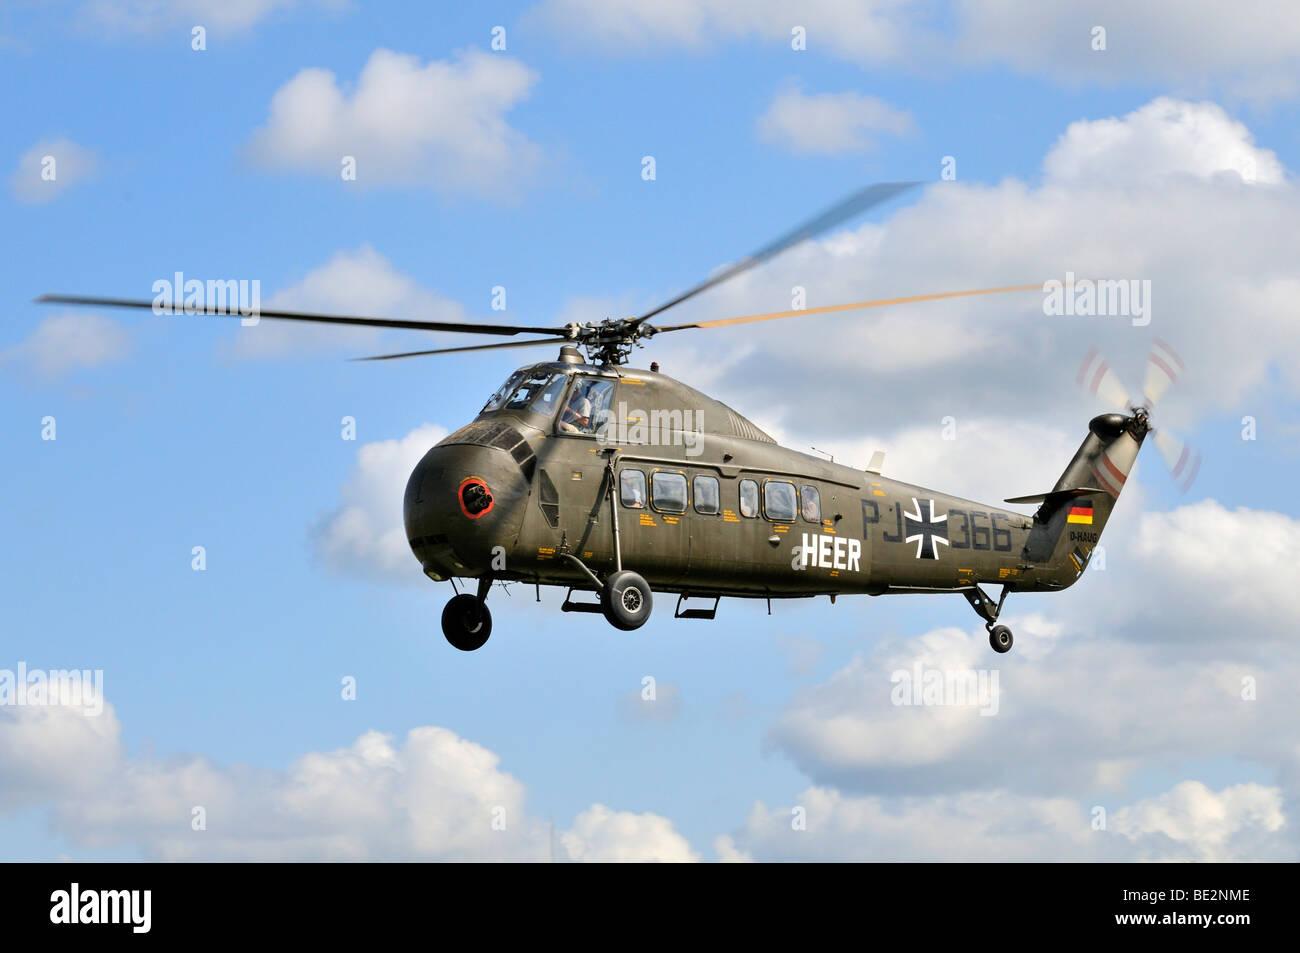 Trasporto americano elicottero Sikorsky S-58C durante una dimostrazione di volo, il più grande d'Europa incontro Foto Stock